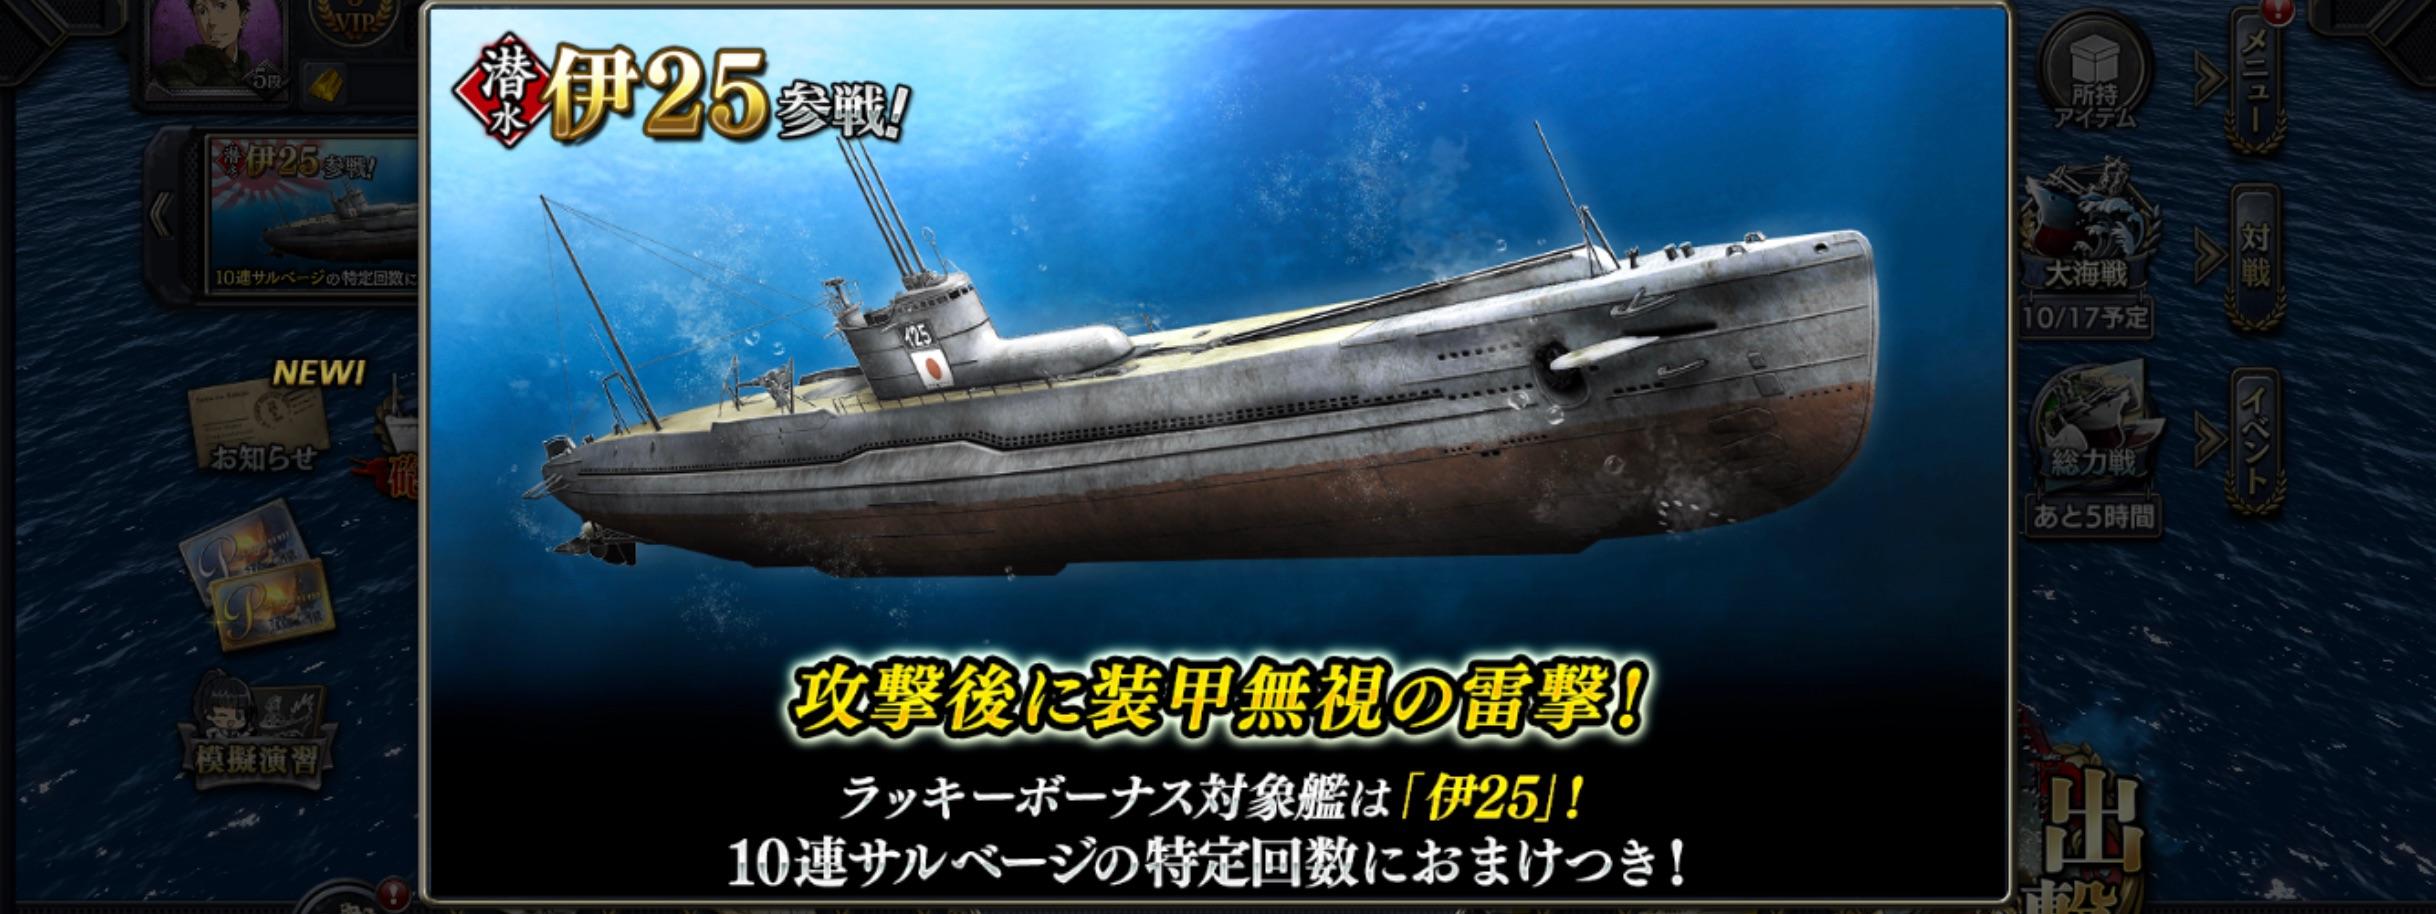 submarine-i25